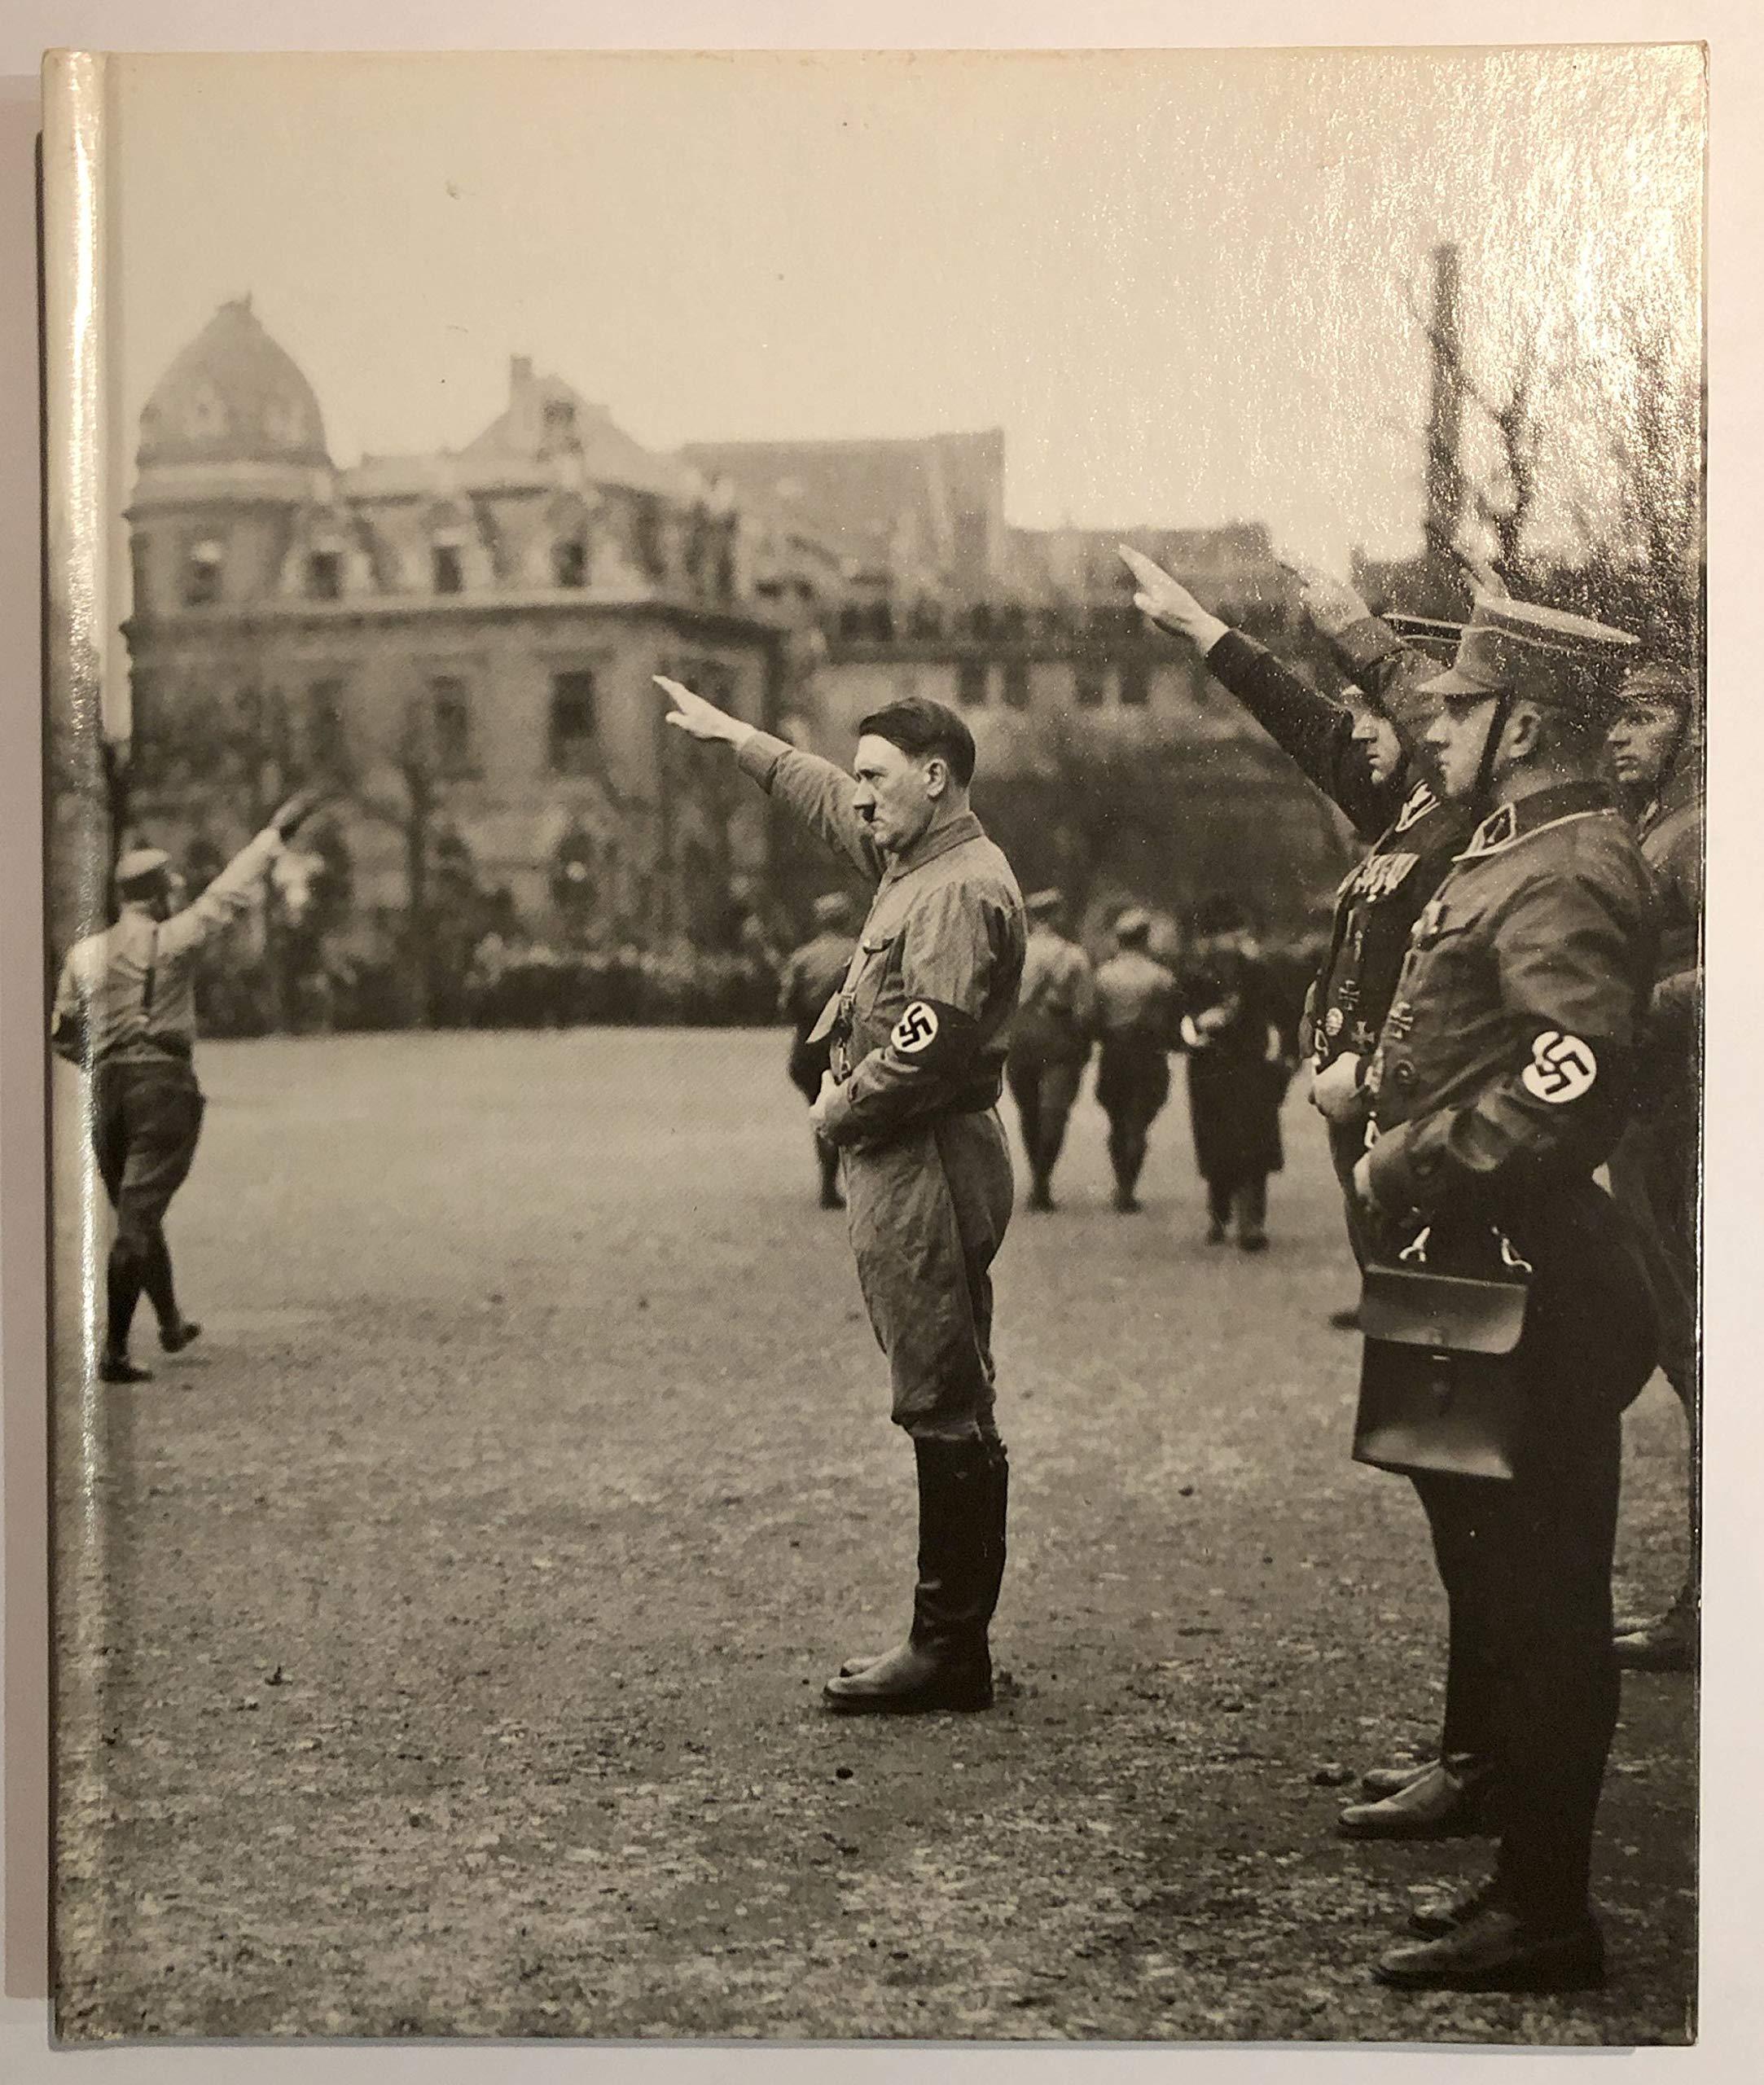 The Nazis (World War II S.): Amazon.es: Herzstein, Robert Edwin, the editors of Time-Life Books, Time-Life Books, of: Libros en idiomas extranjeros